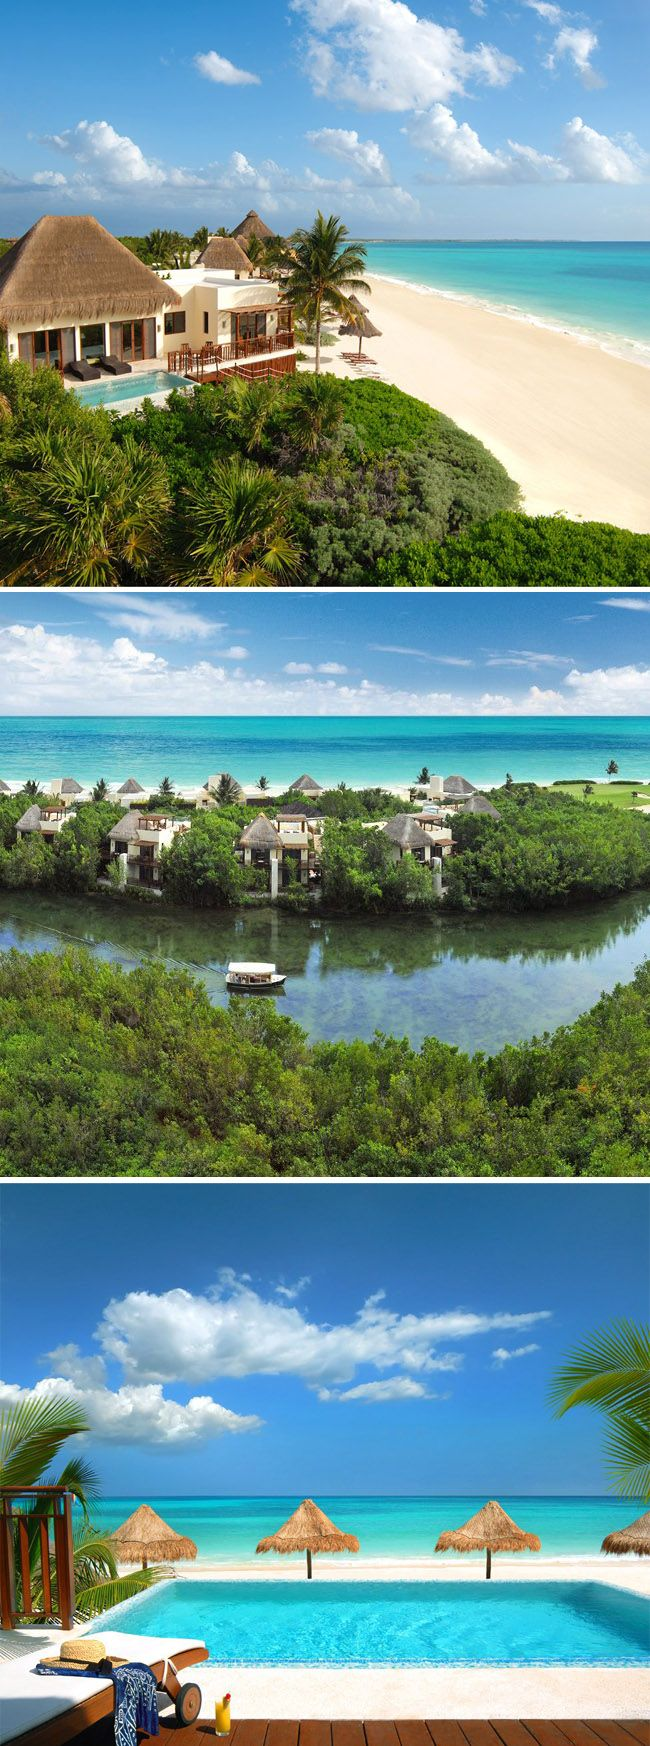 The Fairmont Mayakoba Resort in Playa del Carmen, #Mexico